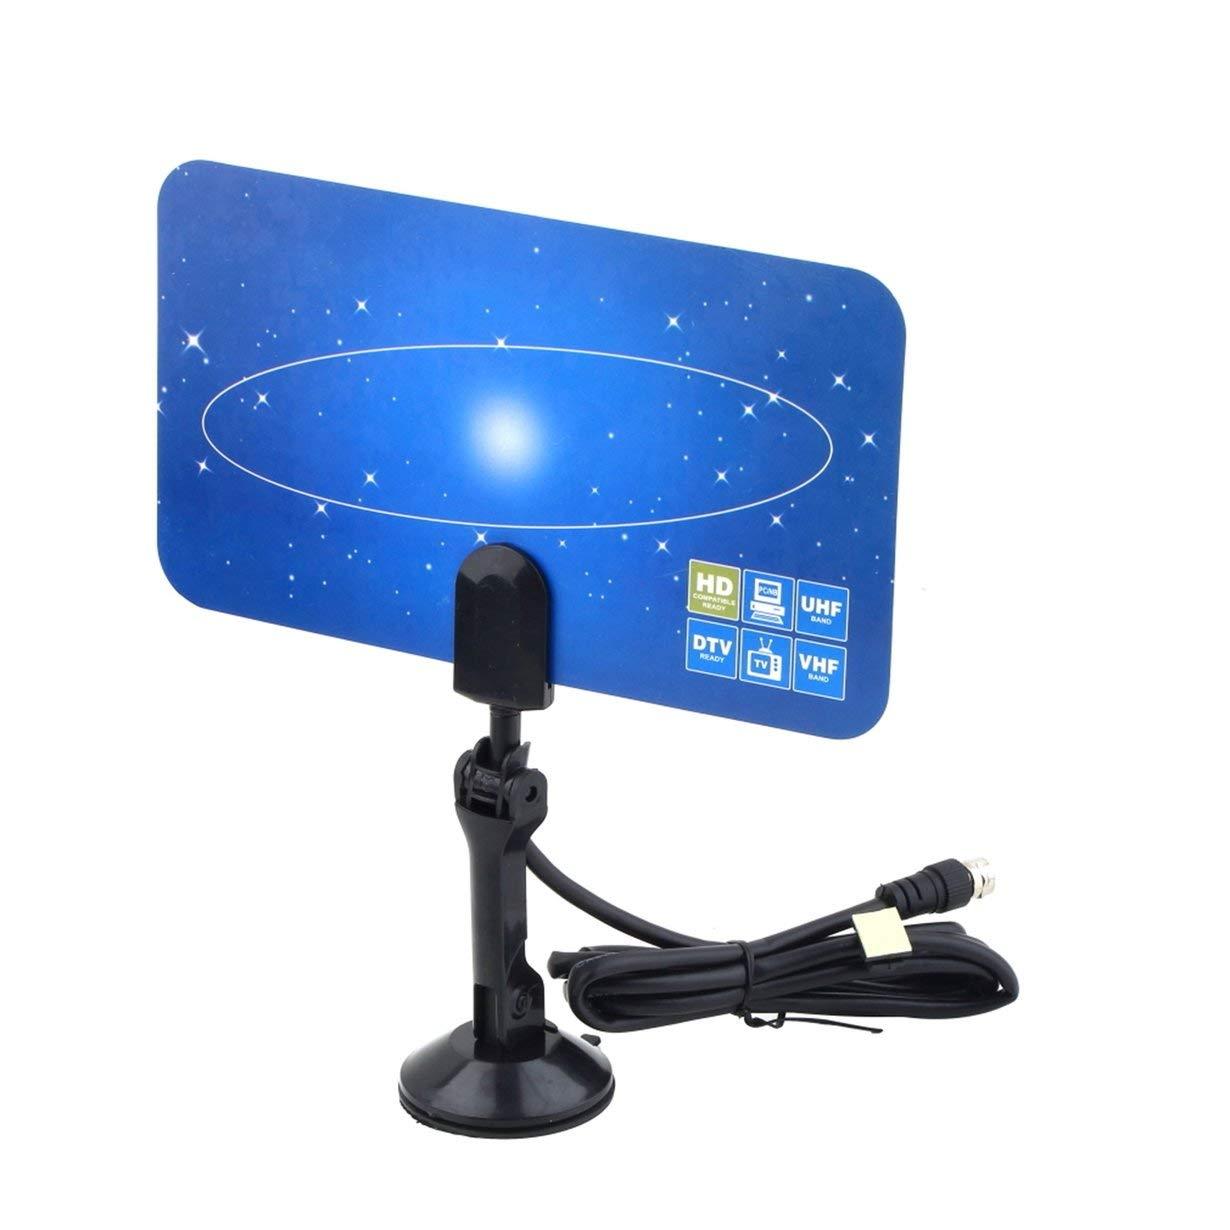 Antena de TV Digital para Interiores HDTV DTV Box Ready HD VHF UHF Diseño Plano Trabajo de Alta Ganancia Excelente con Cajas de convertidor de televisores Digitales: Amazon.es: Electrónica